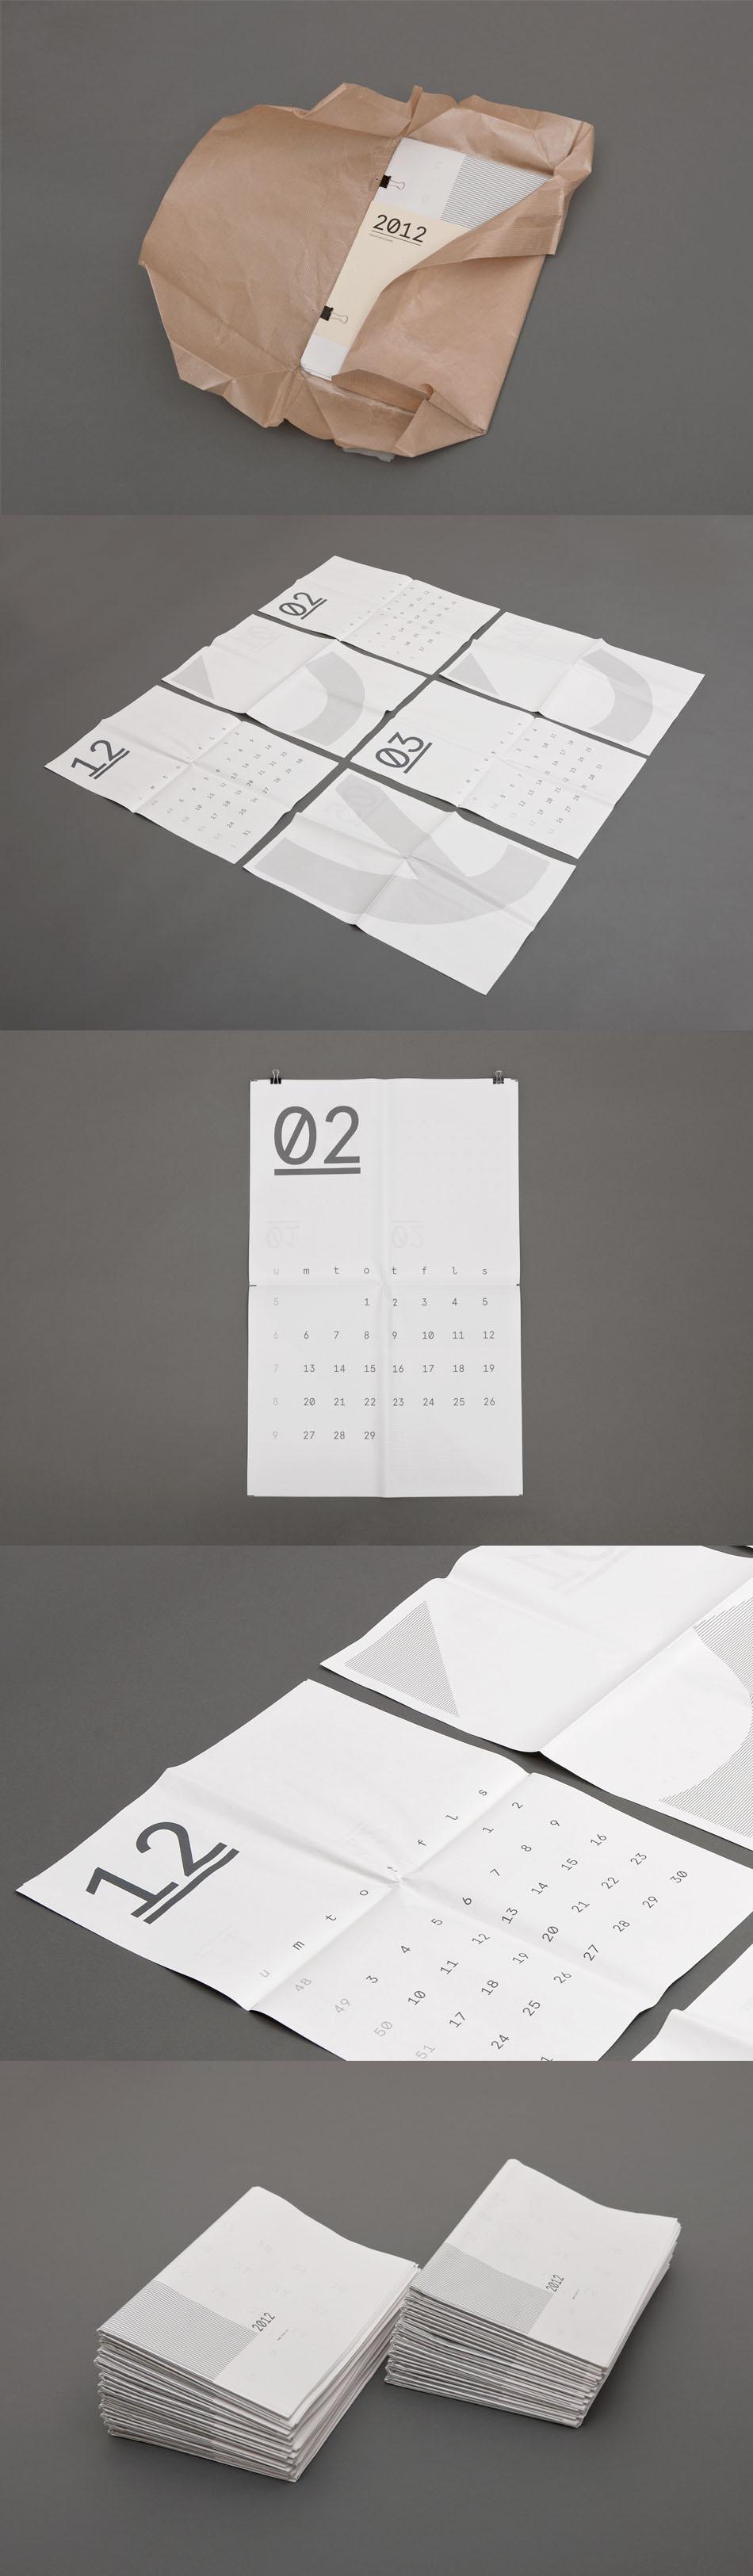 Kalender 2012 by Neue